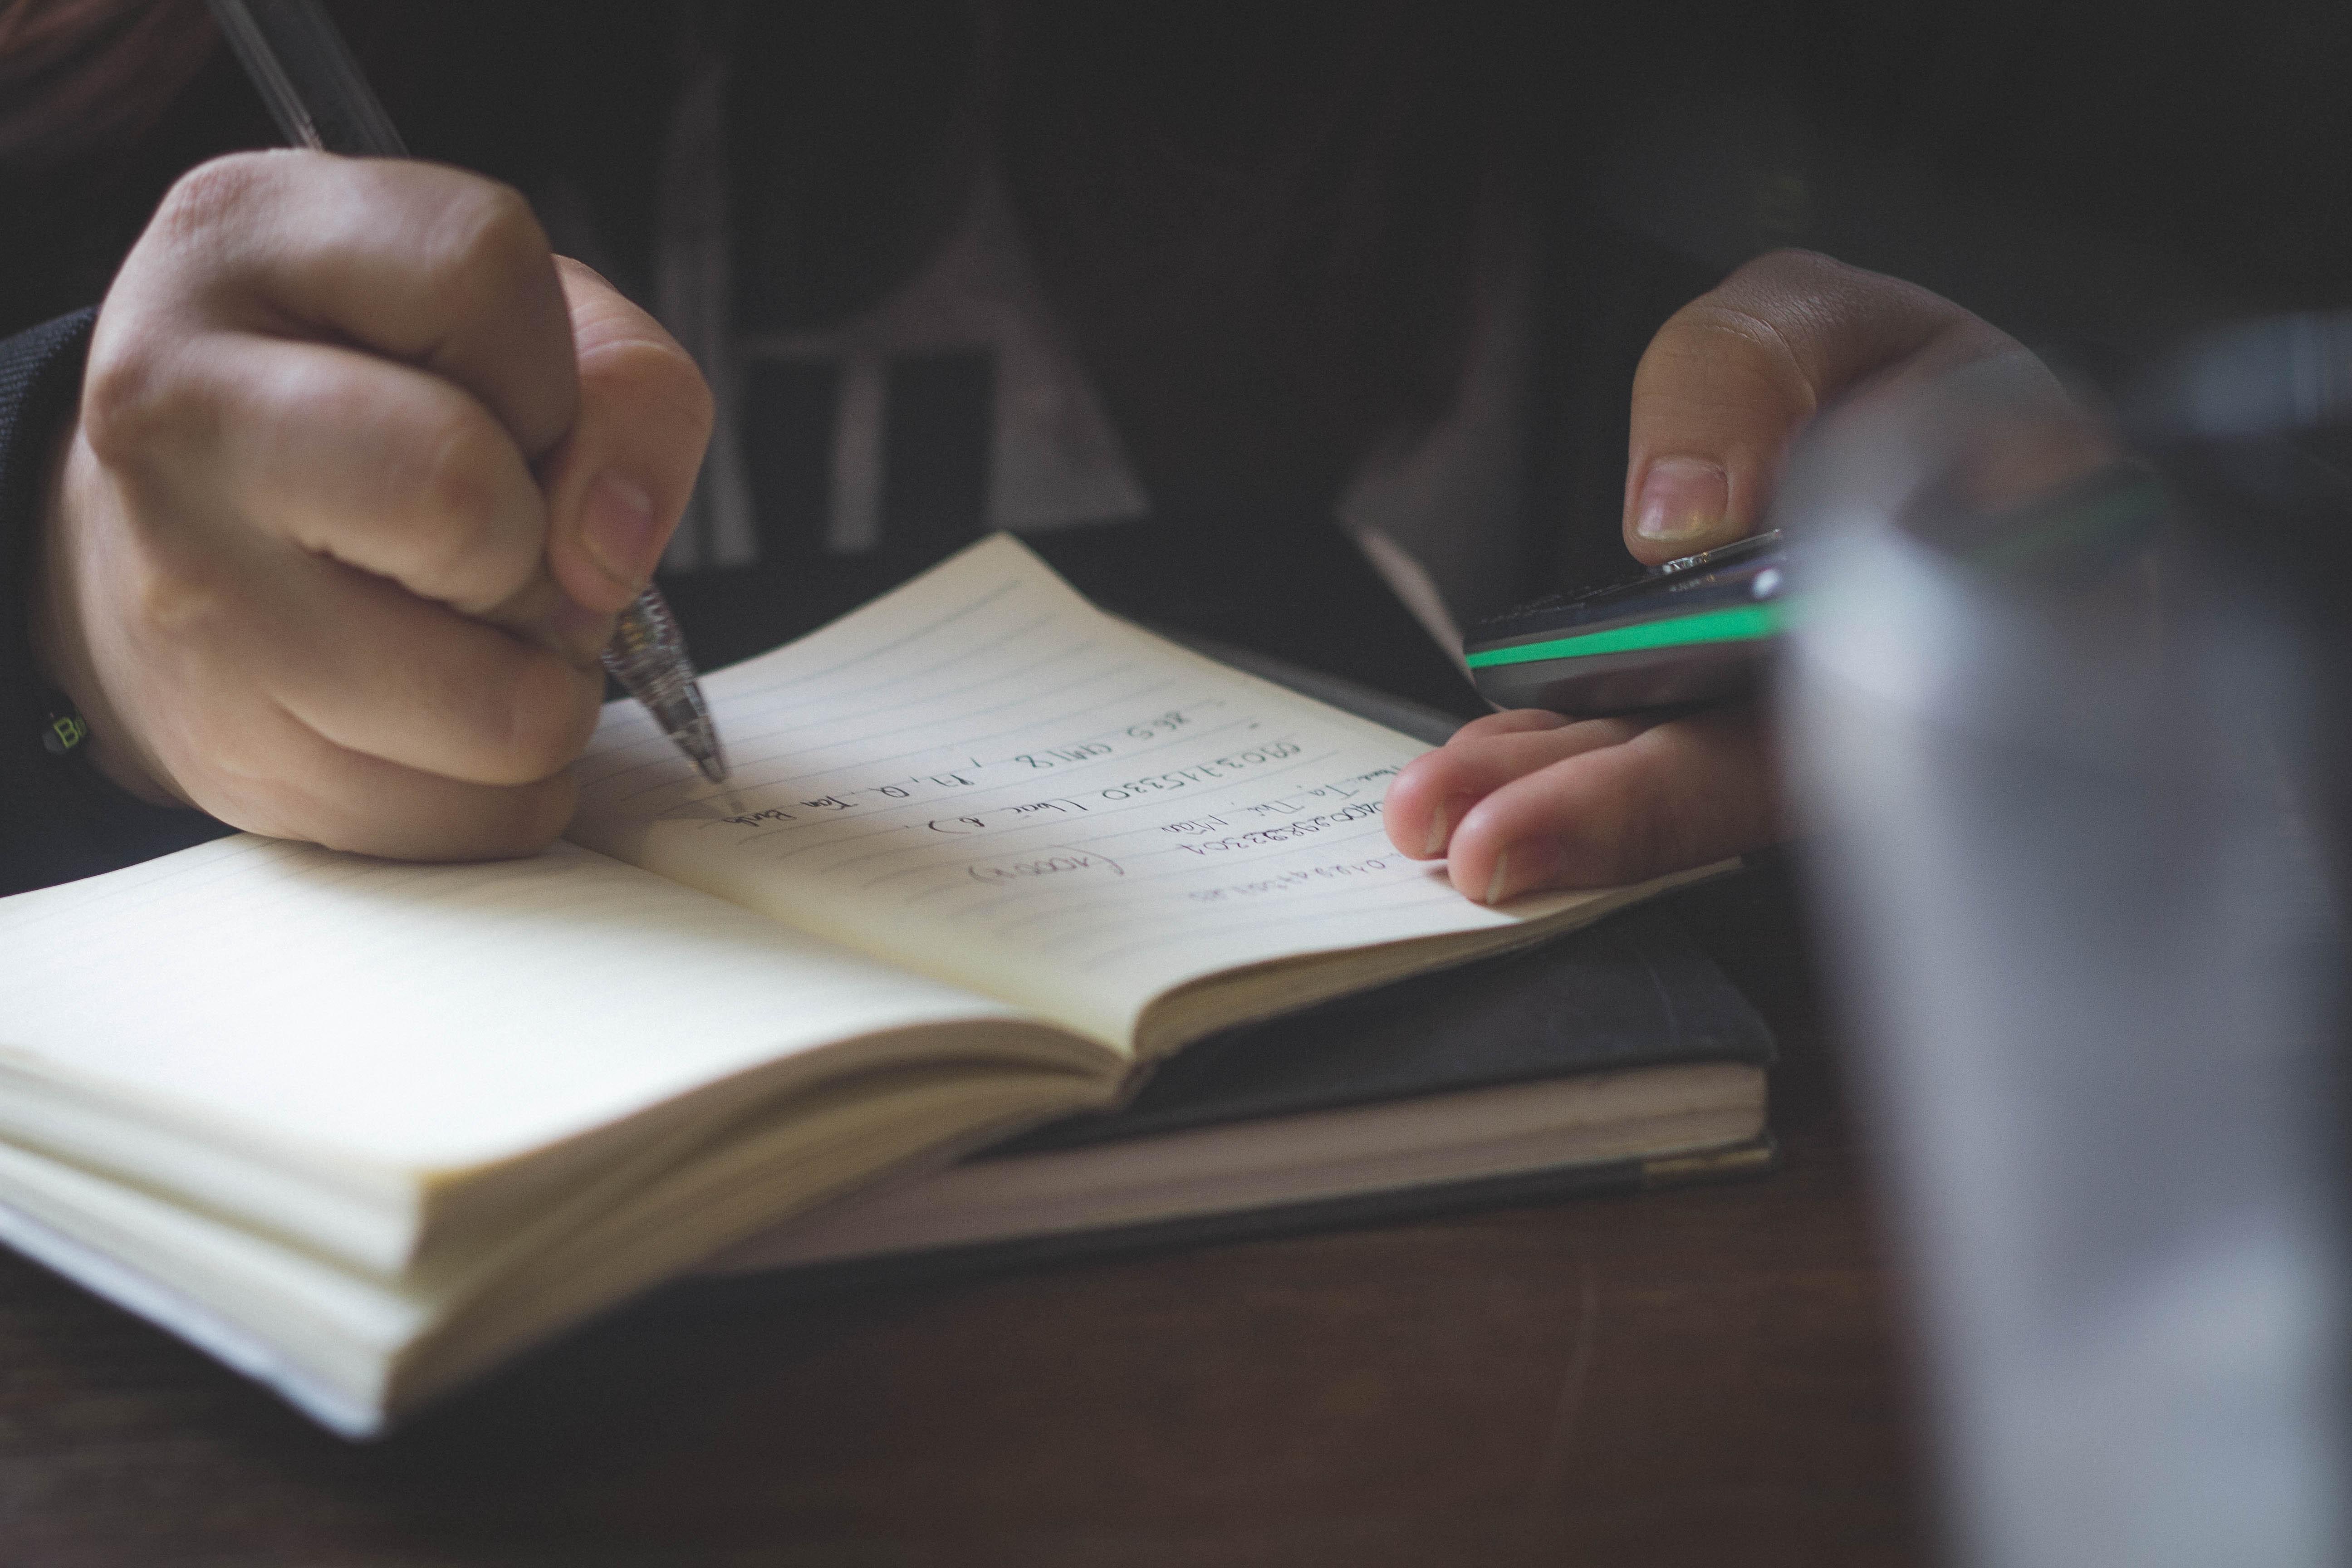 une personne qui ecrit une note sur un livre